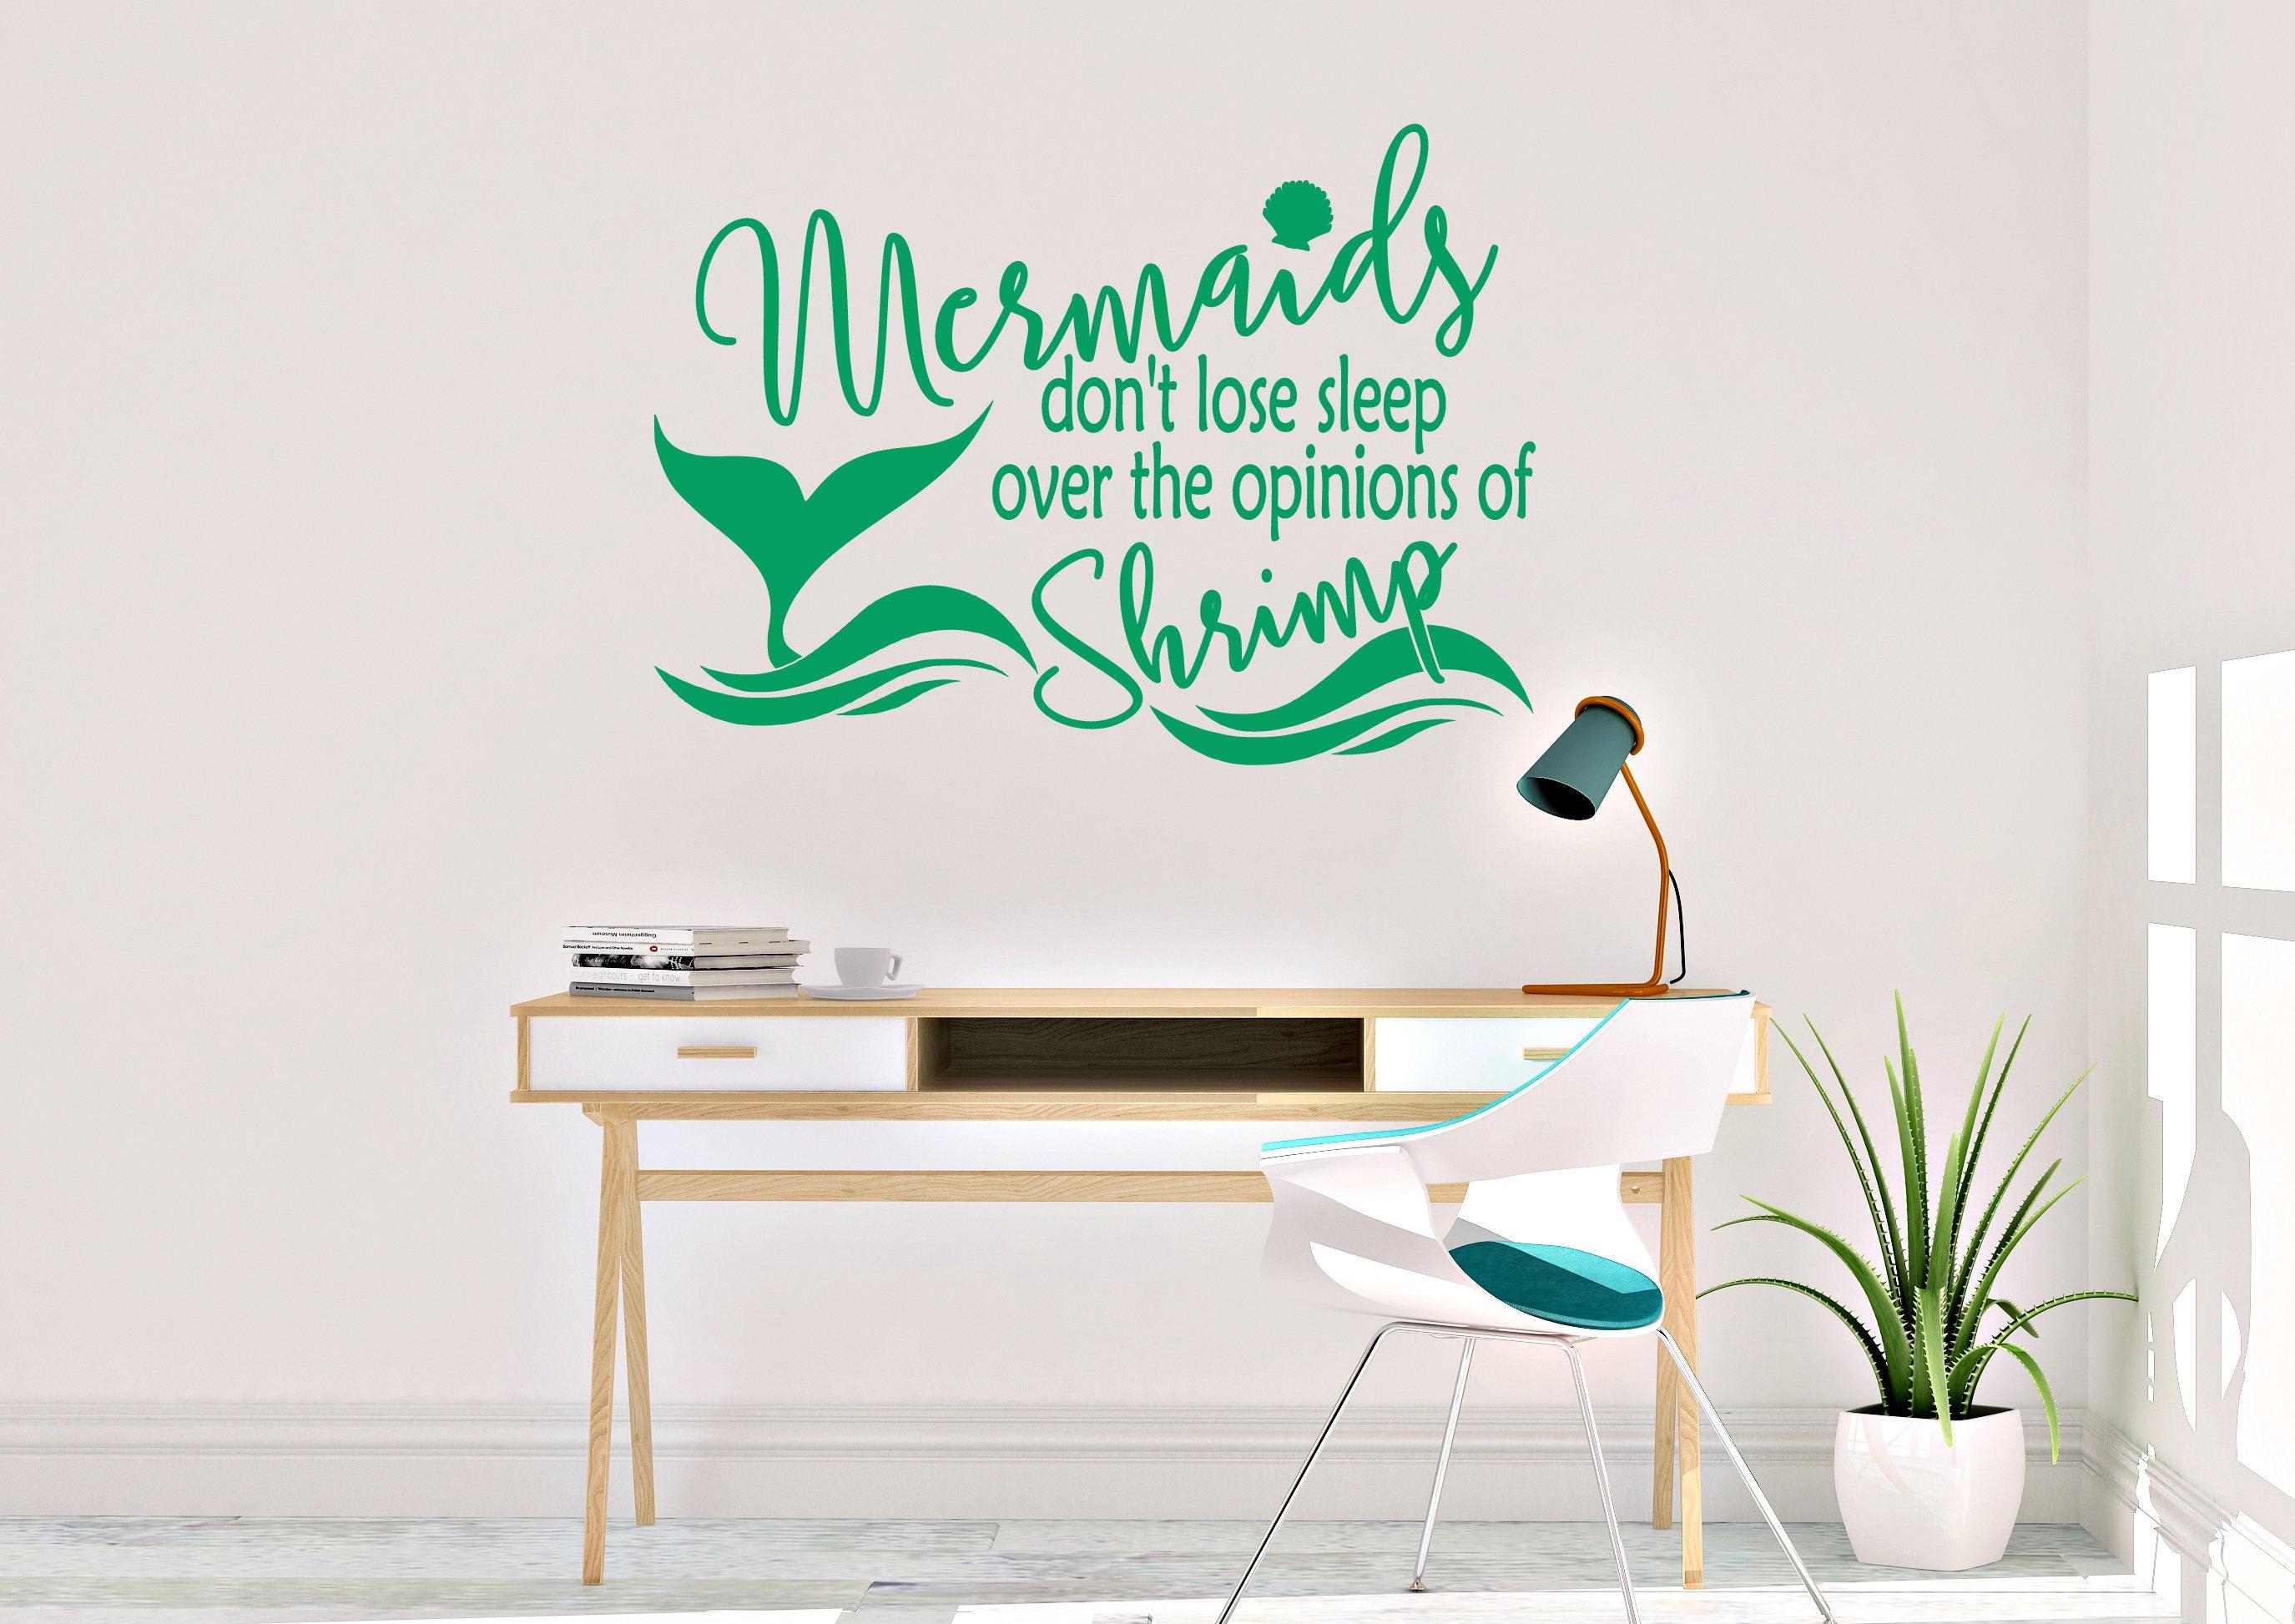 Mermaids Donu0027t Lose Sleep Wall Decal   Mermaid Wall Decal   Vinyl Wall Decal    Mermaid   Mermaid Decals   Mermaid Decor   Mermaid Wall Art